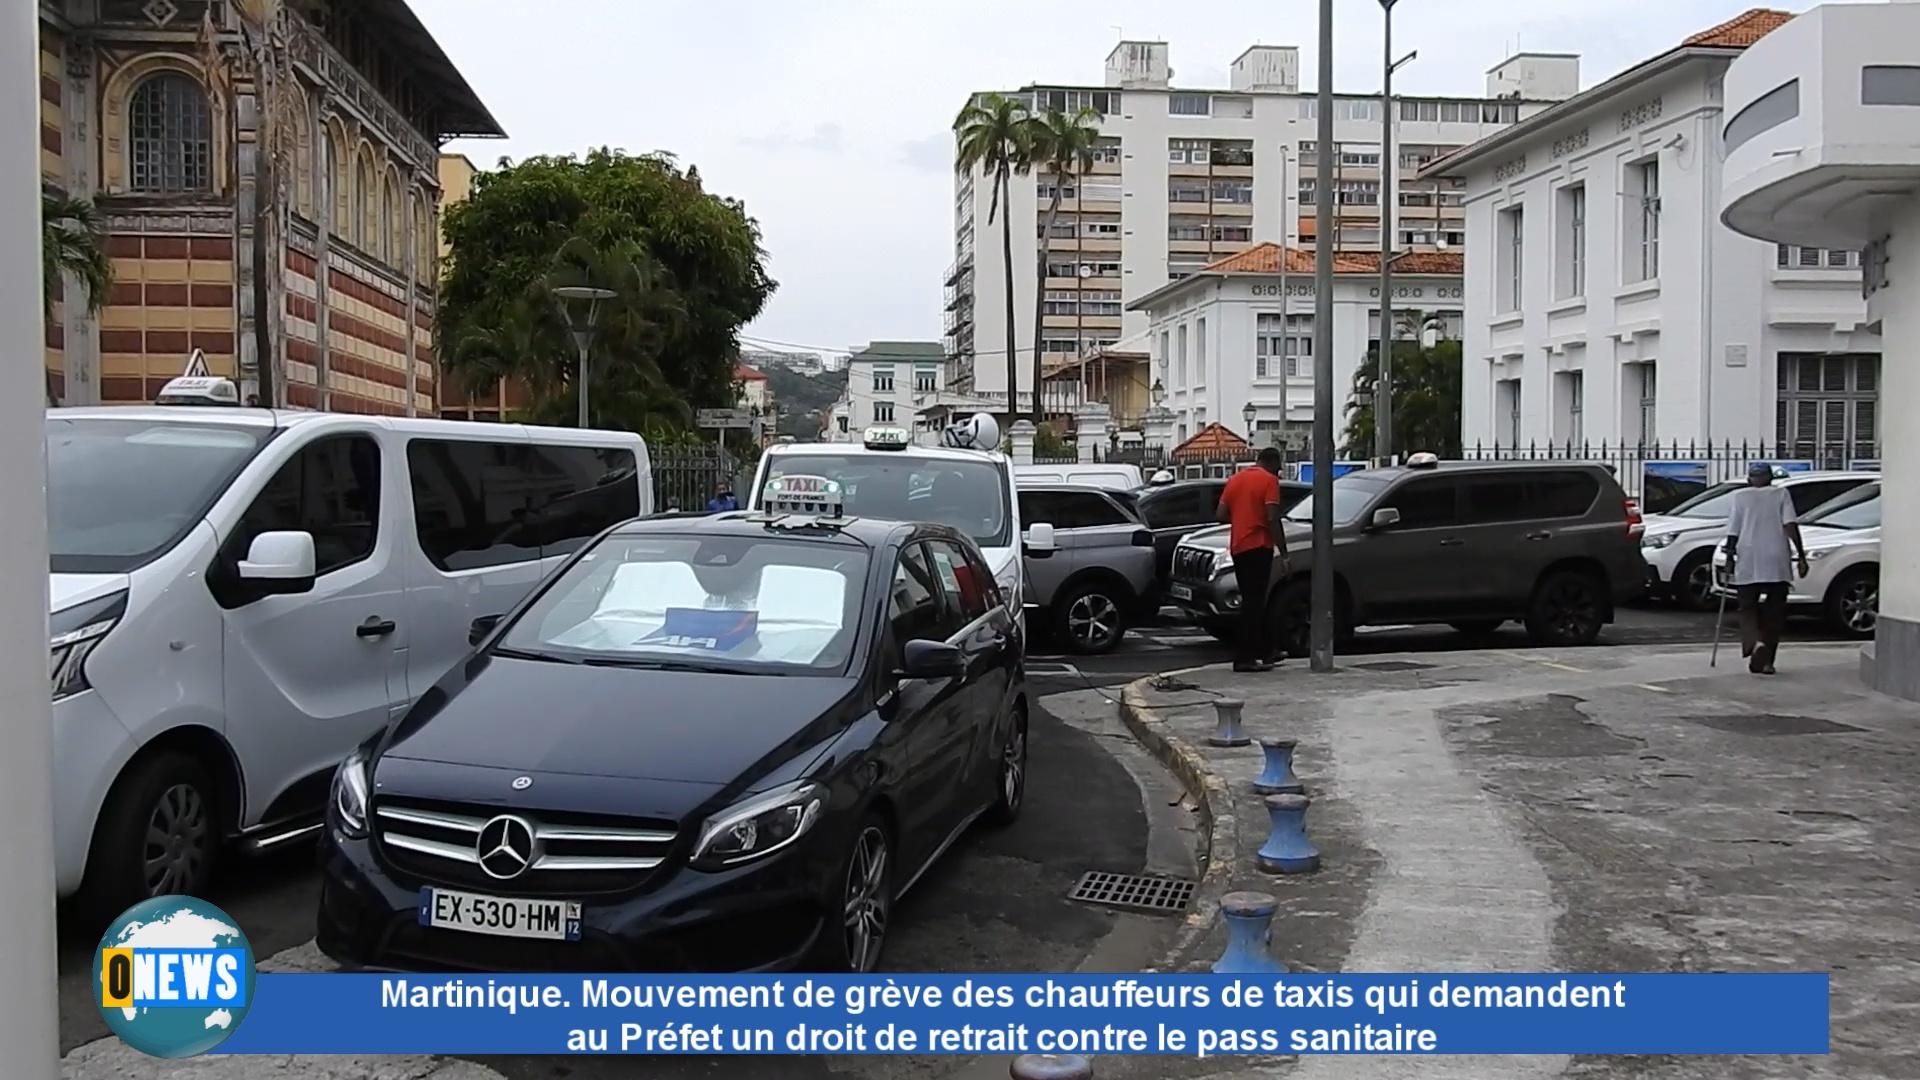 [Vidéo] Martinique. Mouvement de grève des chauffeurs de taxis qui demandent au Préfet un droit de retrait contre le pass sanitaire